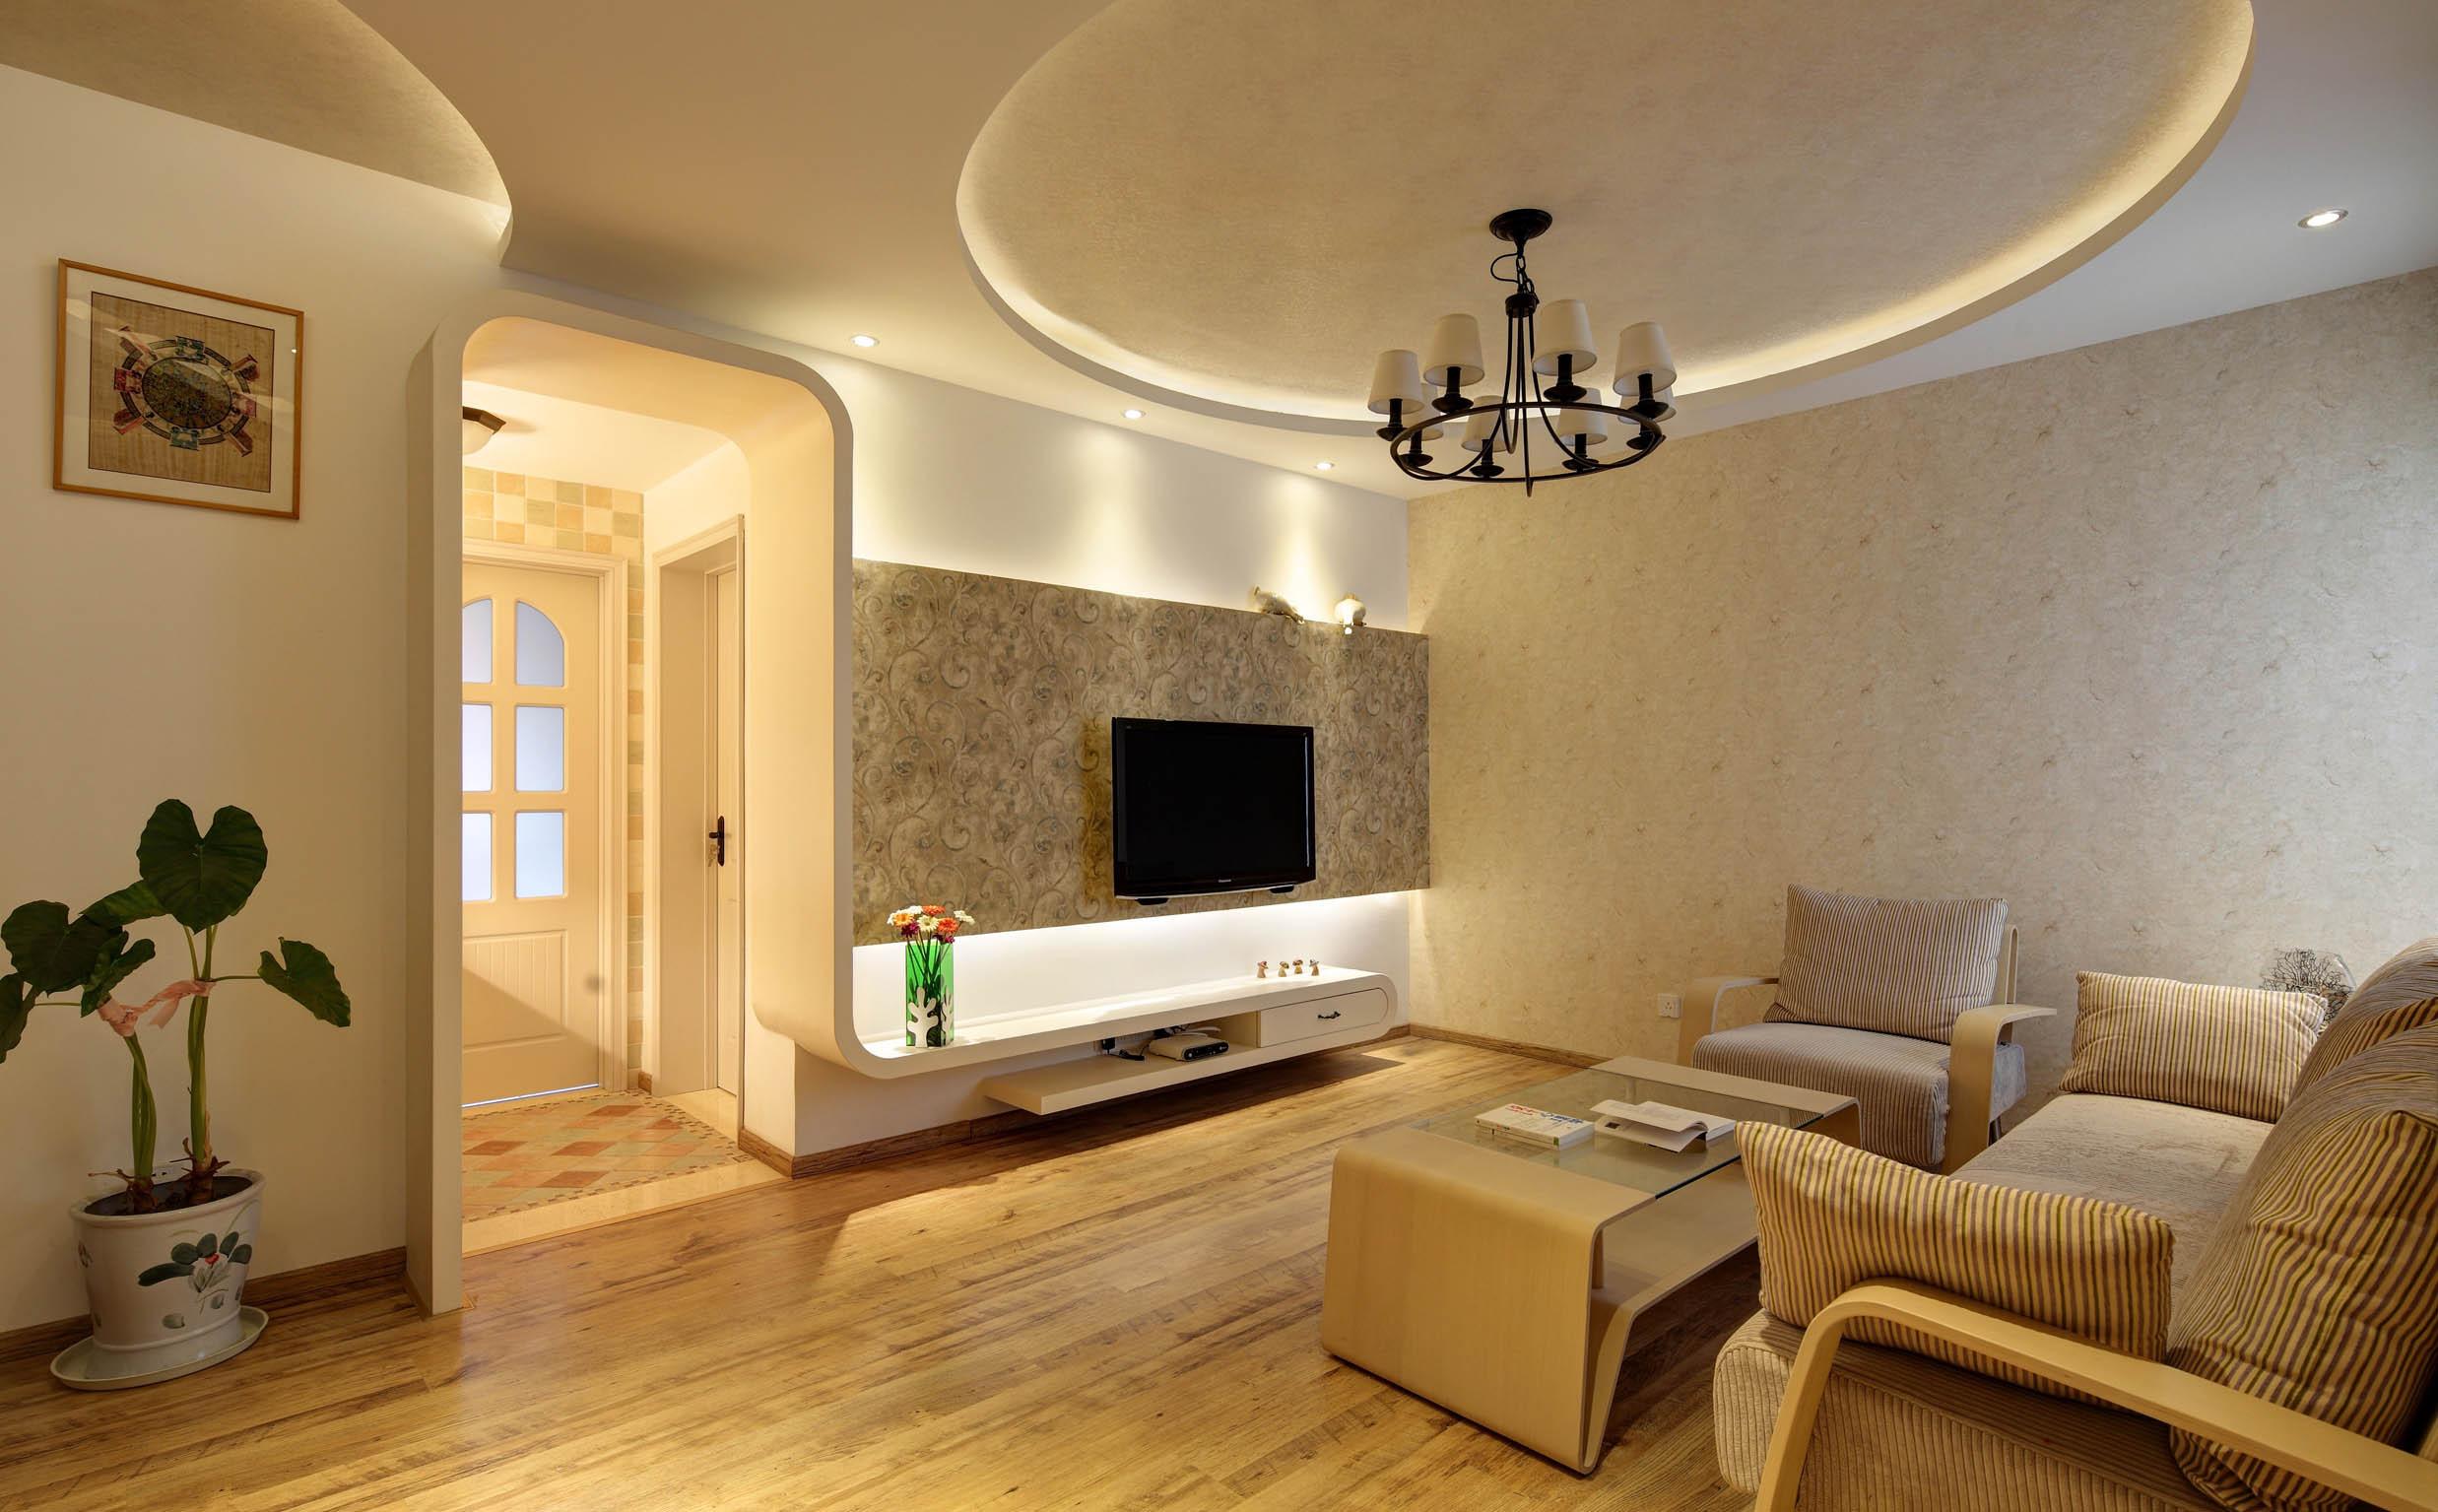 地中海美式风格家电视背景墙图片图片